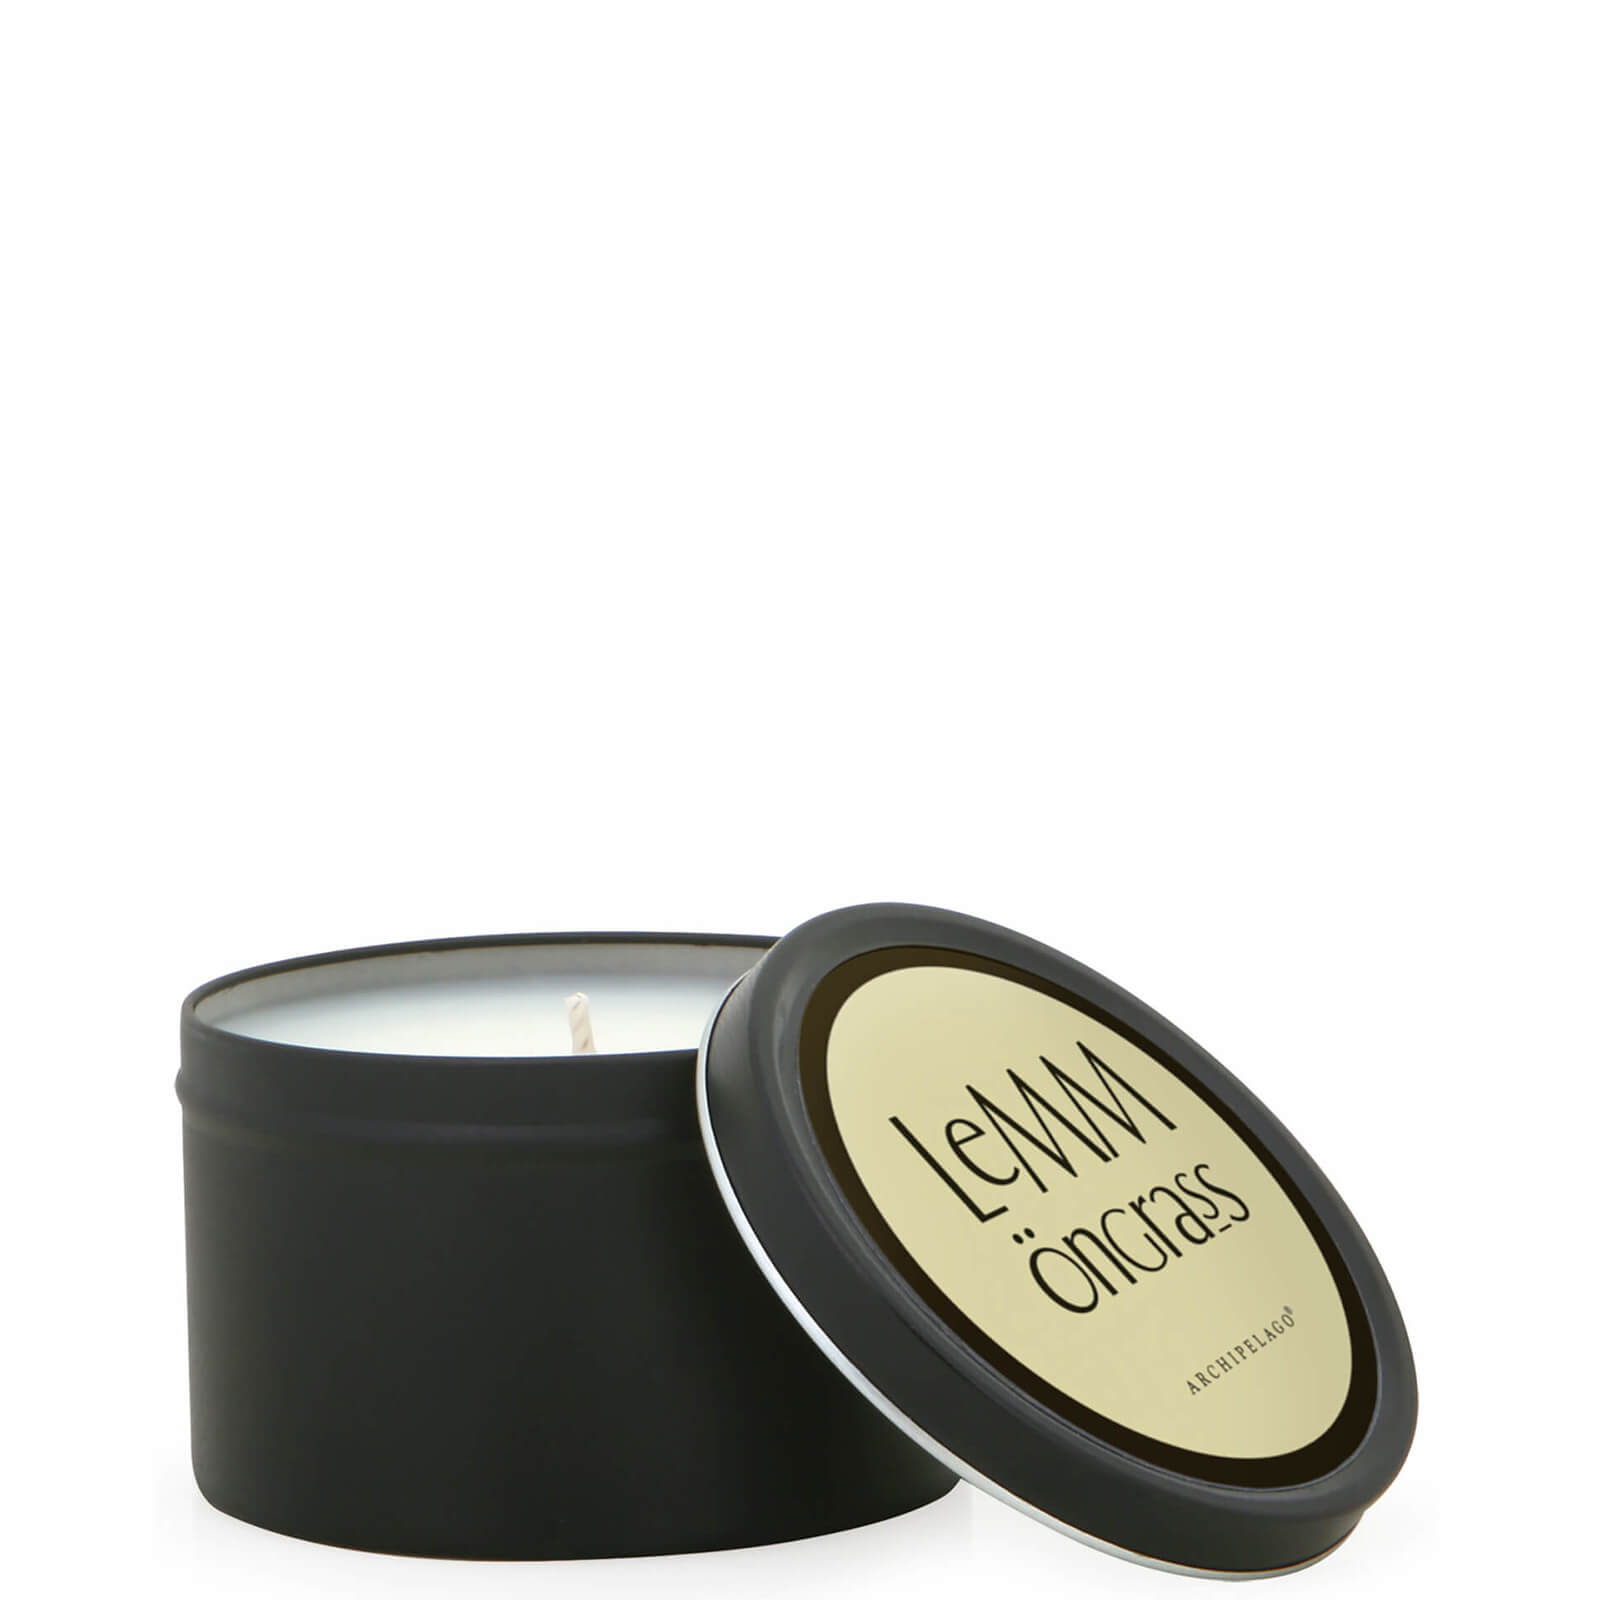 Купить Декоративная ароматическая свеча «Лемонграсс»в жестяной баночке Archipelago Botanicals Home Tin Lemongrass Candle 162г